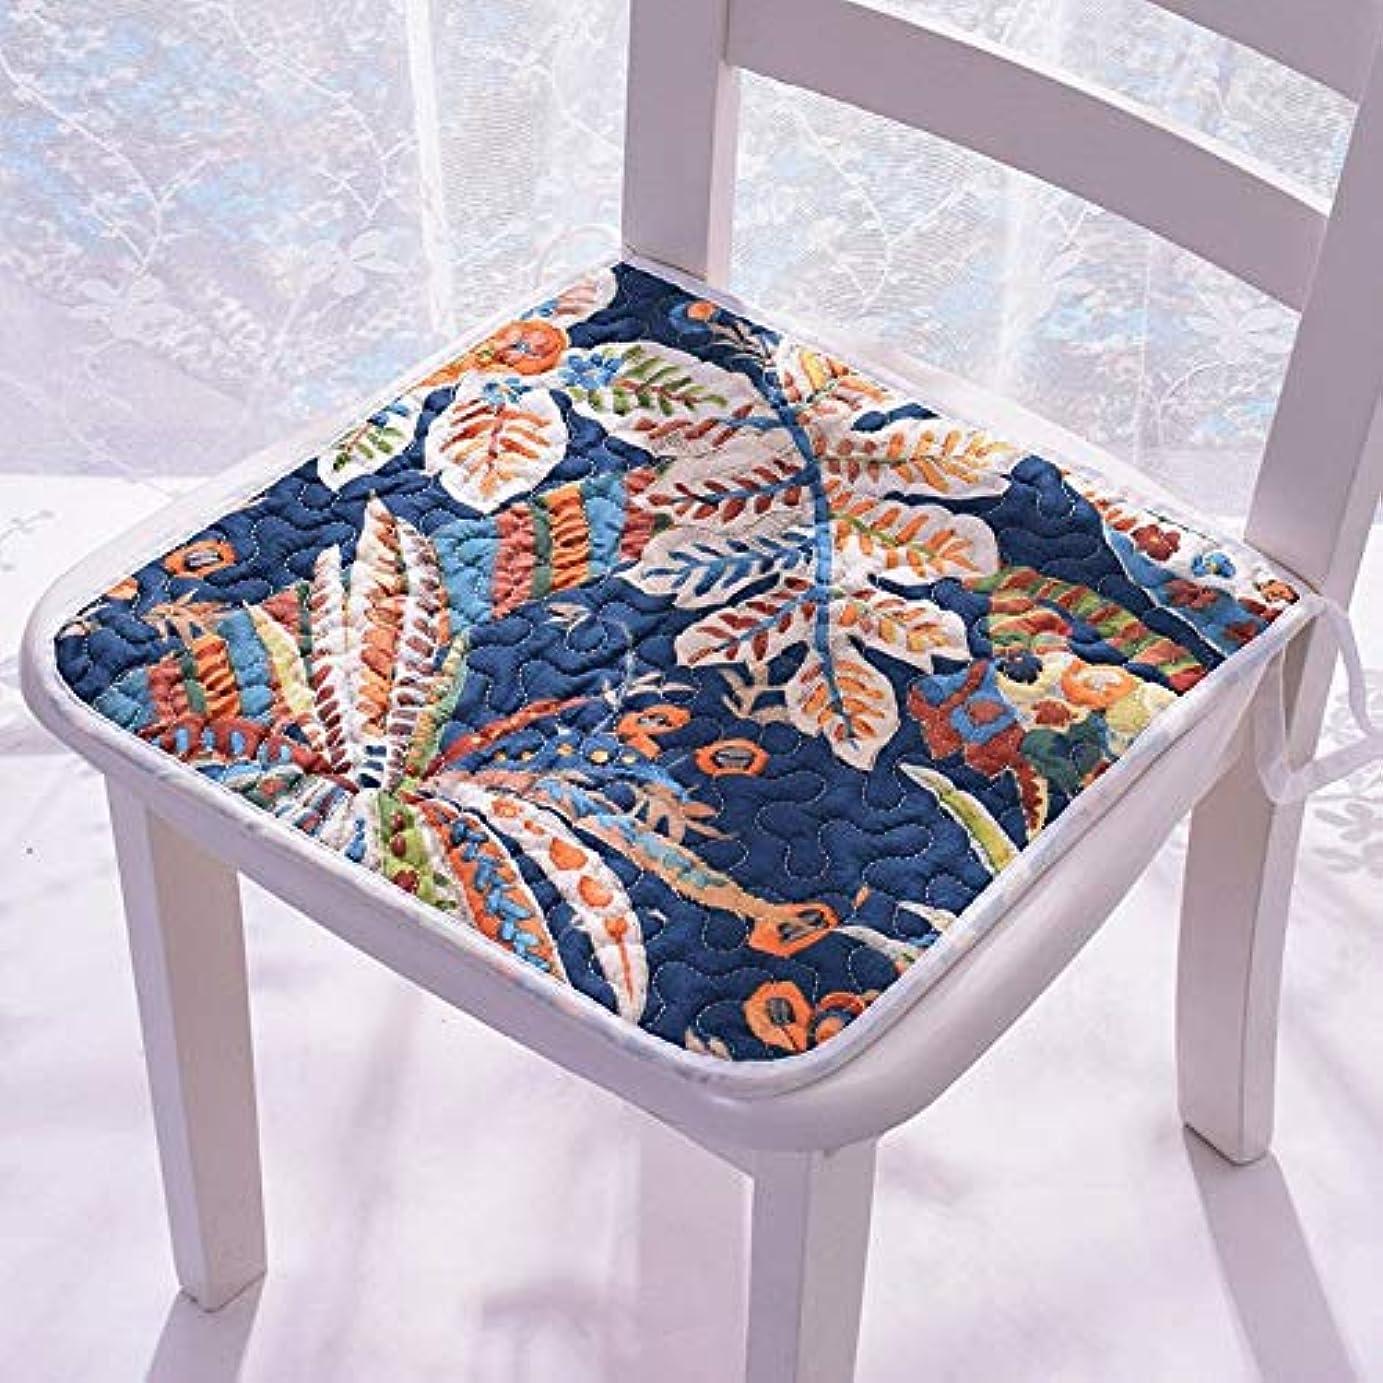 薄暗い頂点期待するLIFE 現代スーパーソフト椅子クッション非スリップシートクッションマットソファホームデコレーションバッククッションチェアパッド 40*40/45*45/50*50 センチメートル クッション 椅子